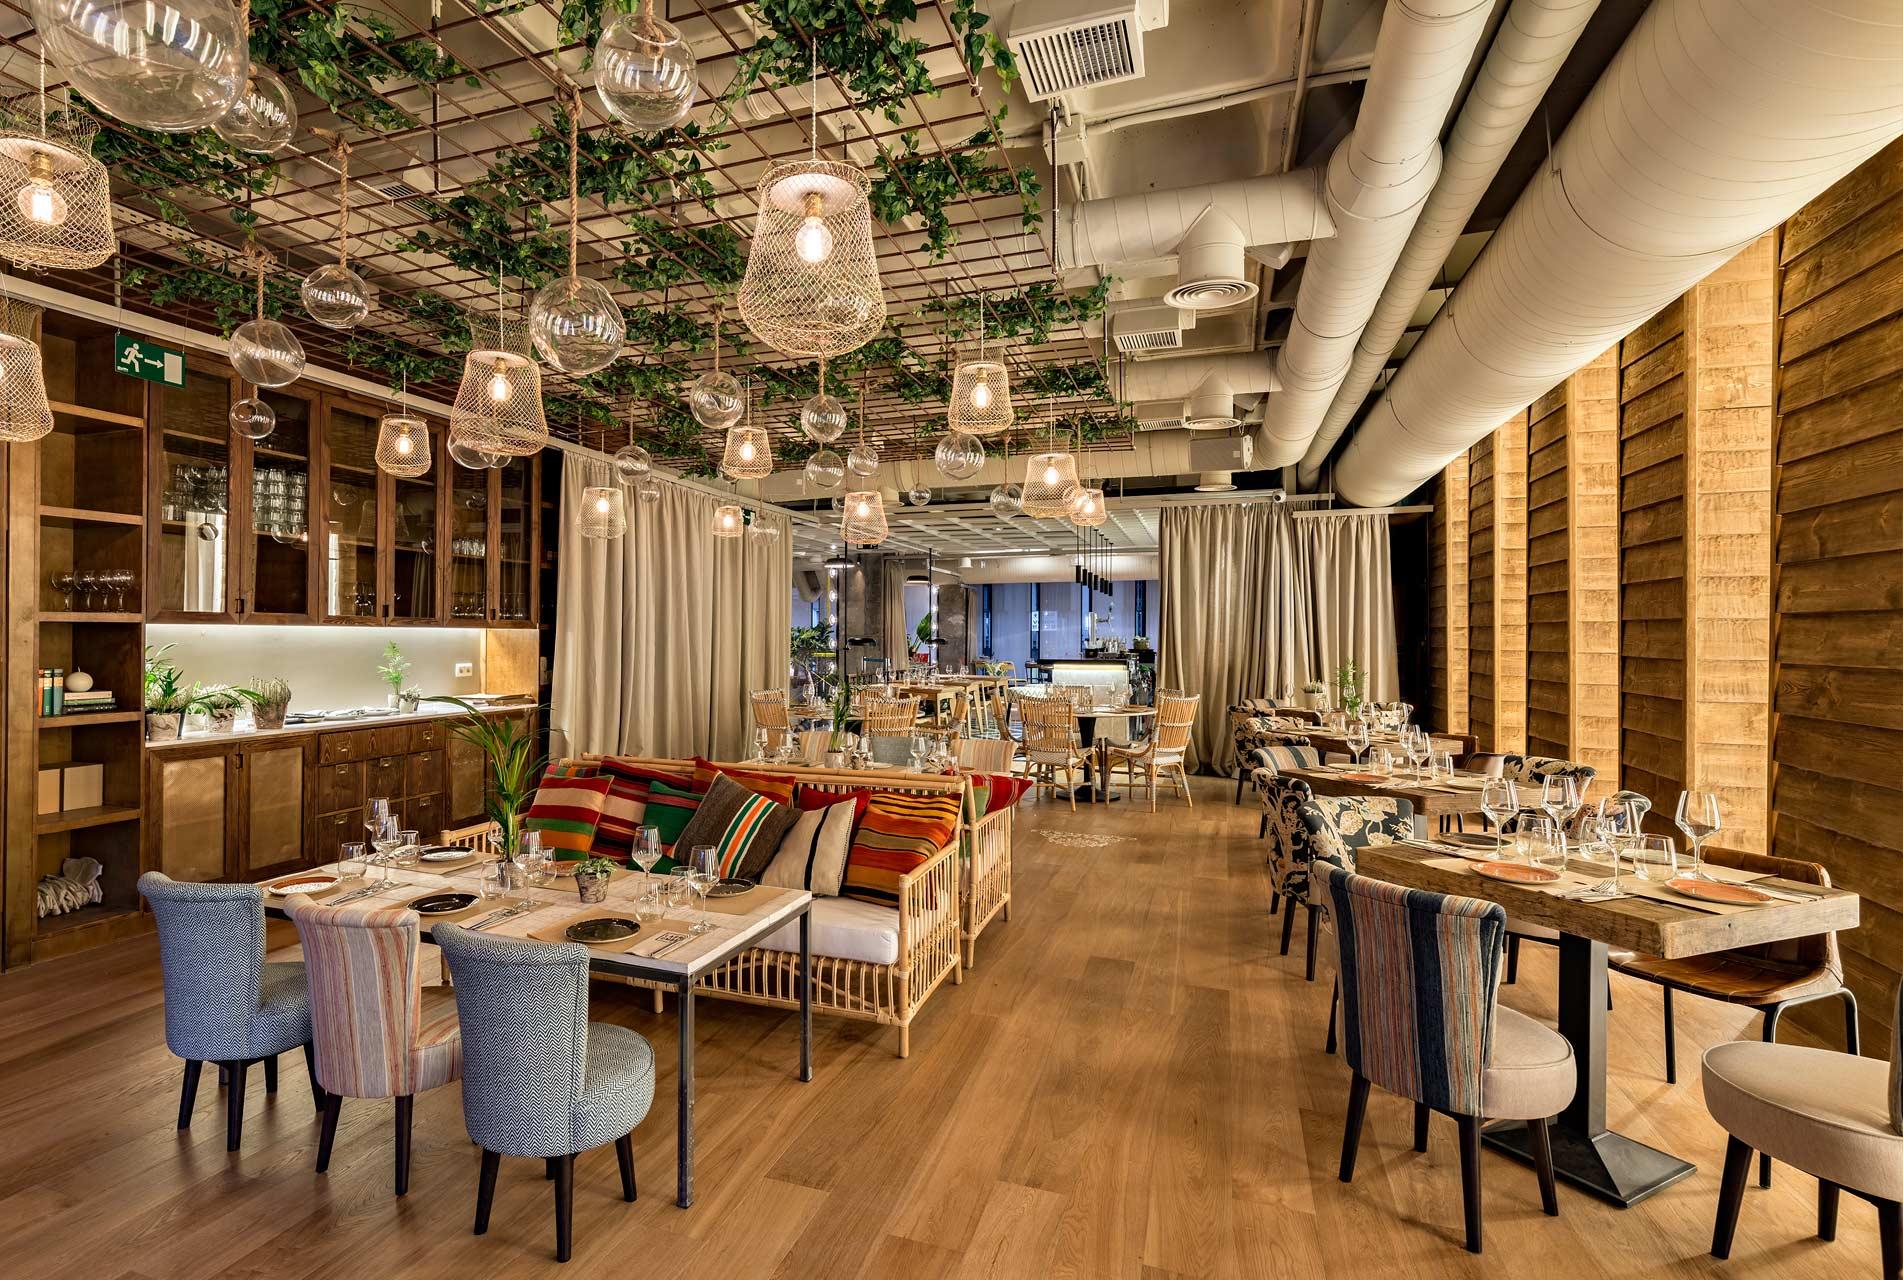 Perrachica dime un restaurante - Restaurante tamara madrid ...